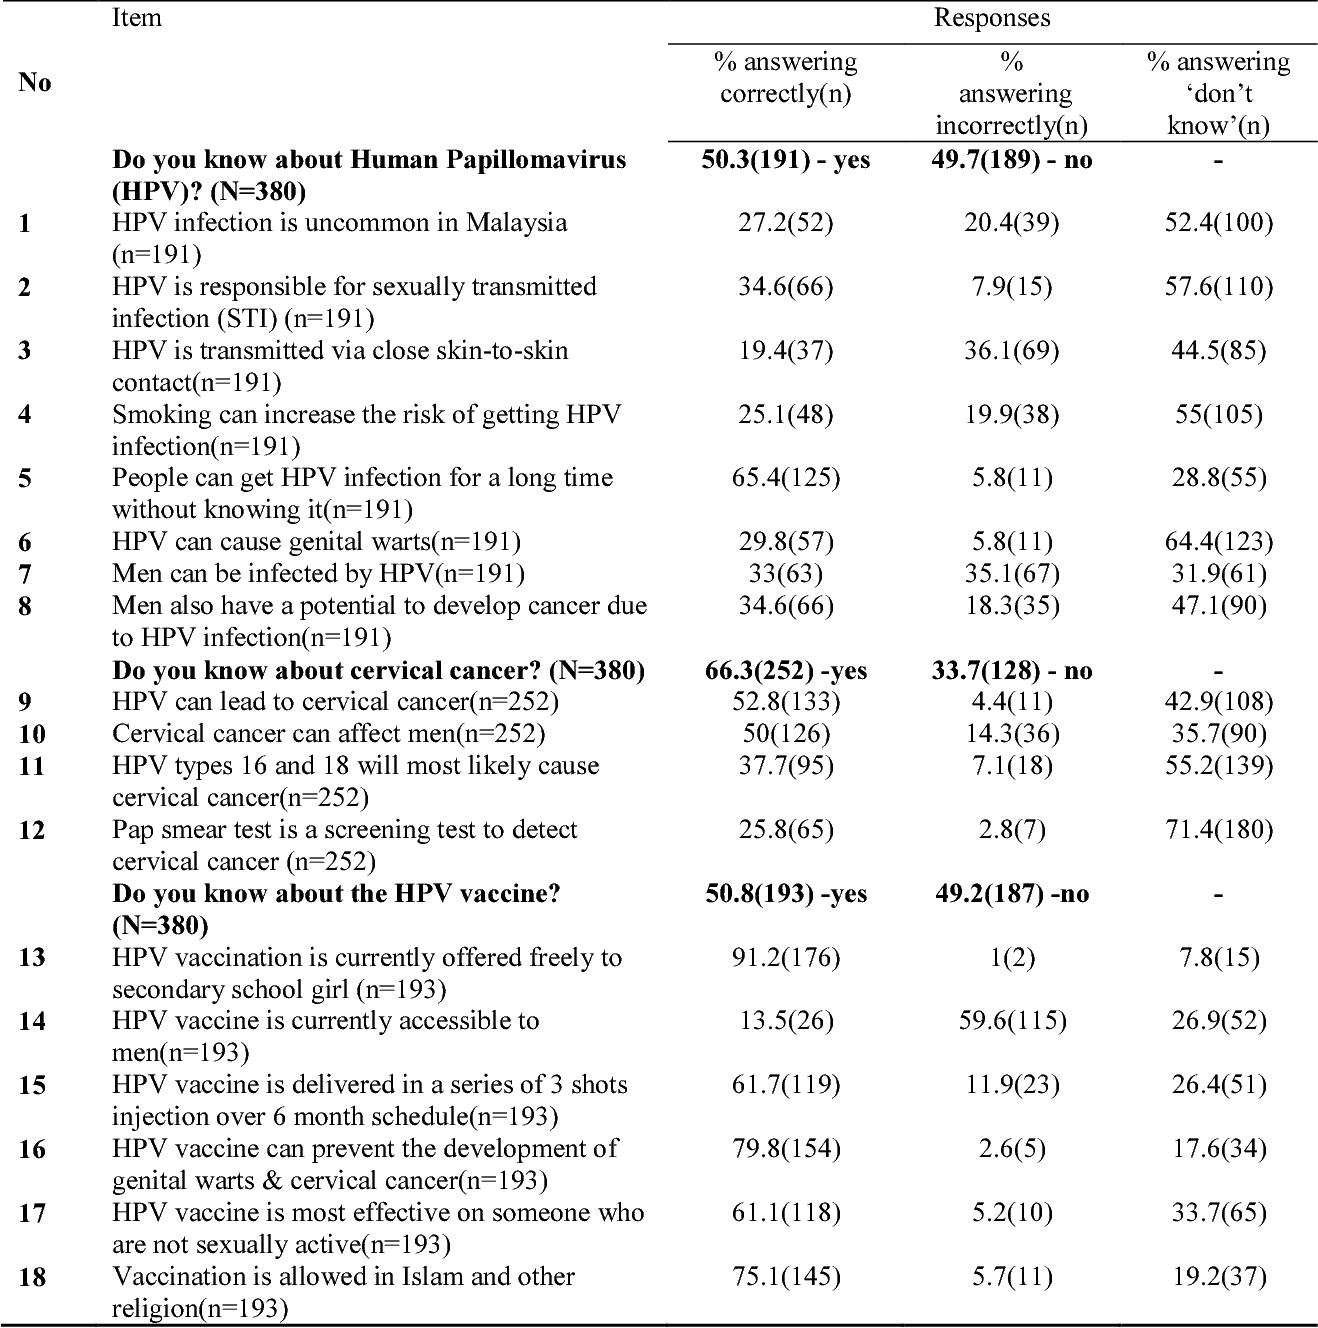 human papillomavirus questions)